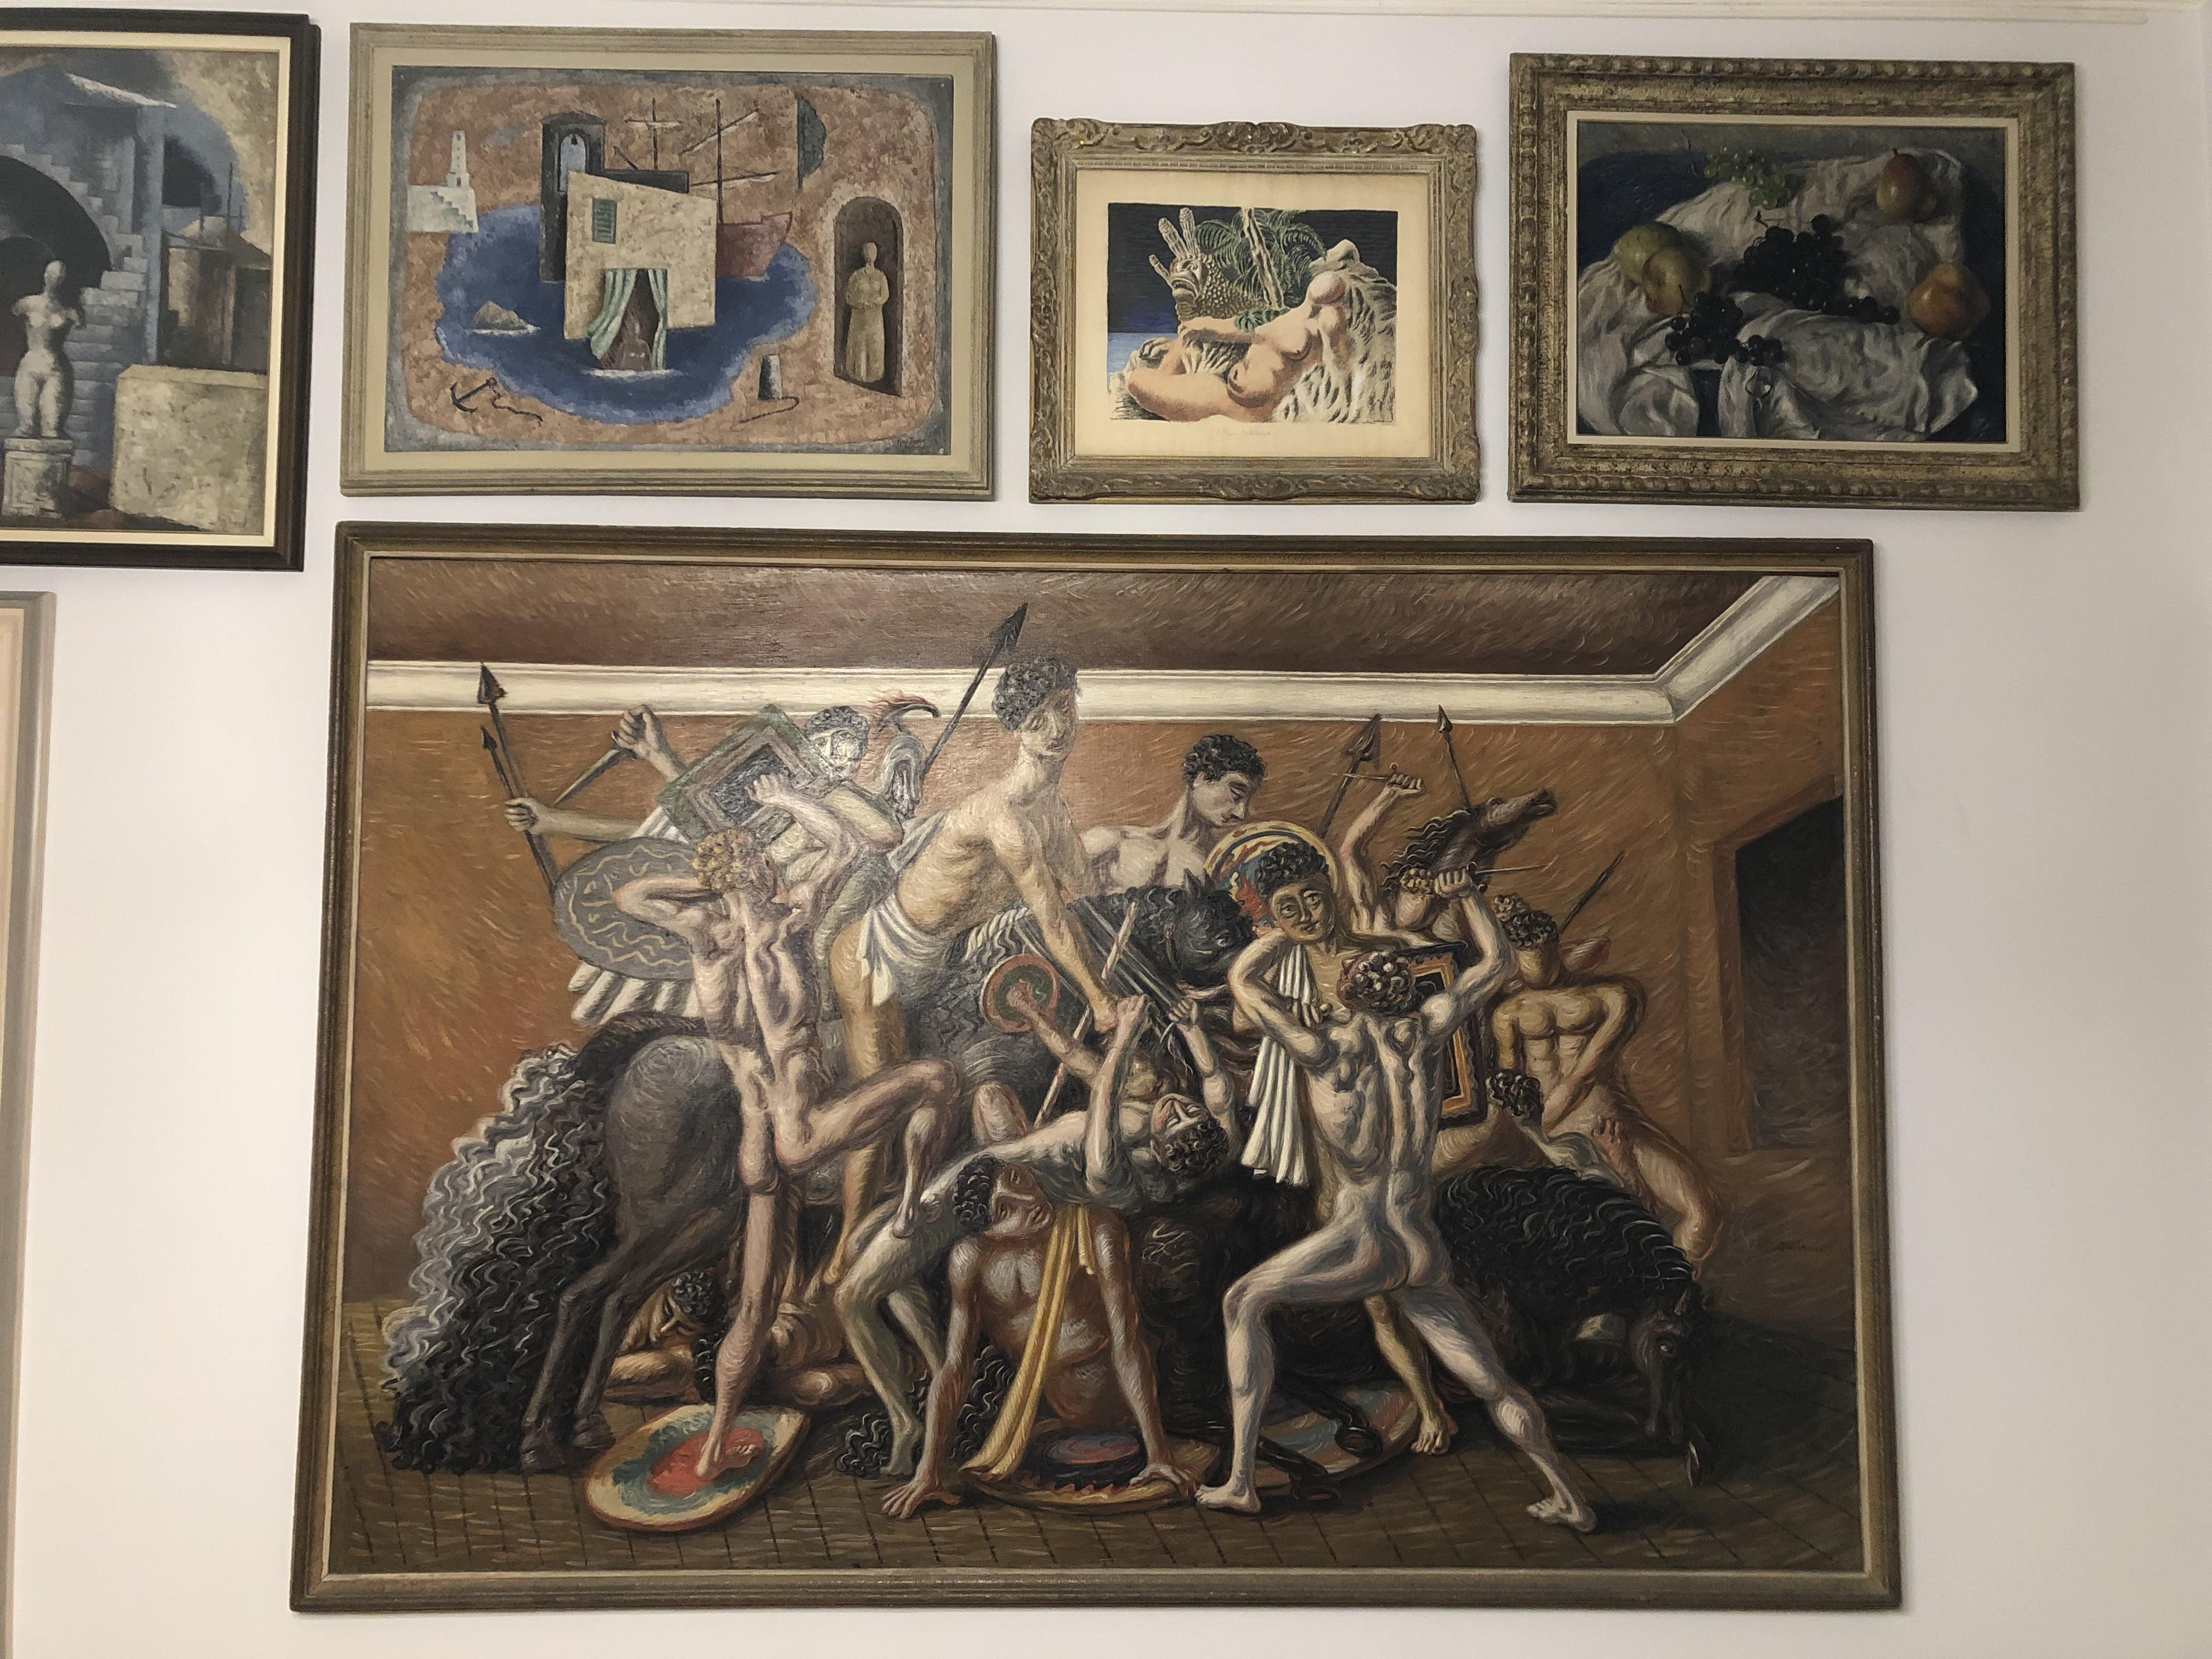 #1MuseoASettimana: Casa Museo Boschi Di Stefano - The ...